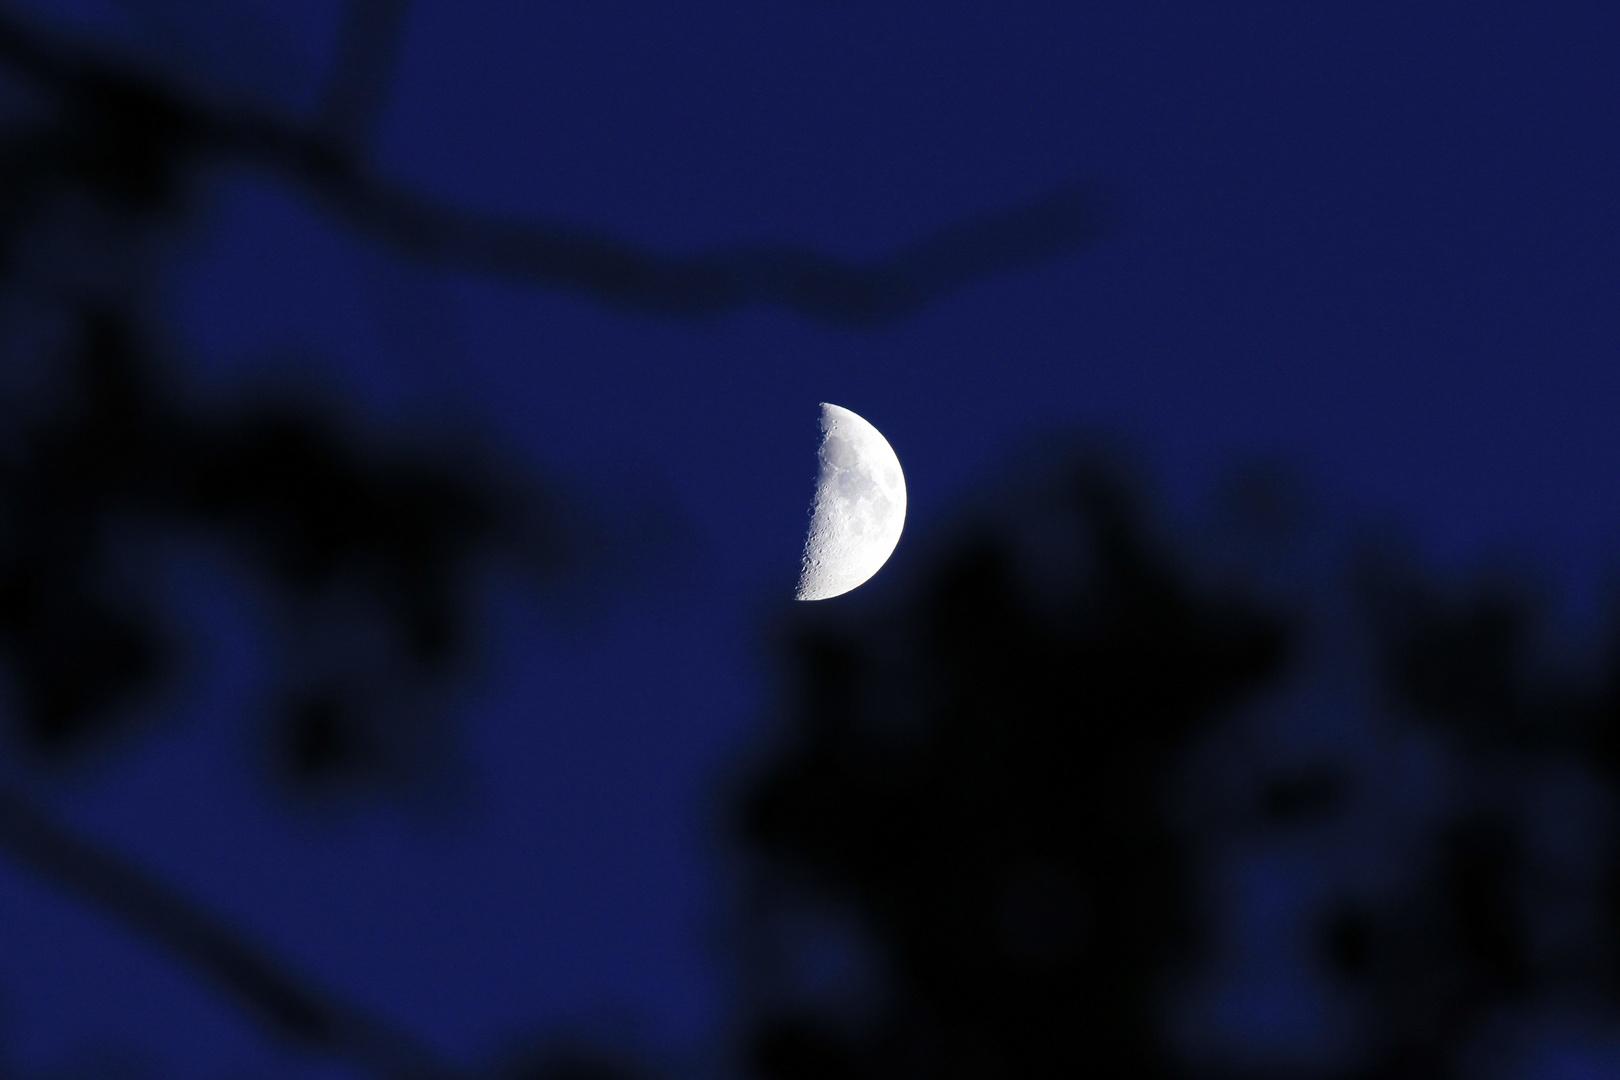 Ohne Titel - einfach nur der Mond :)